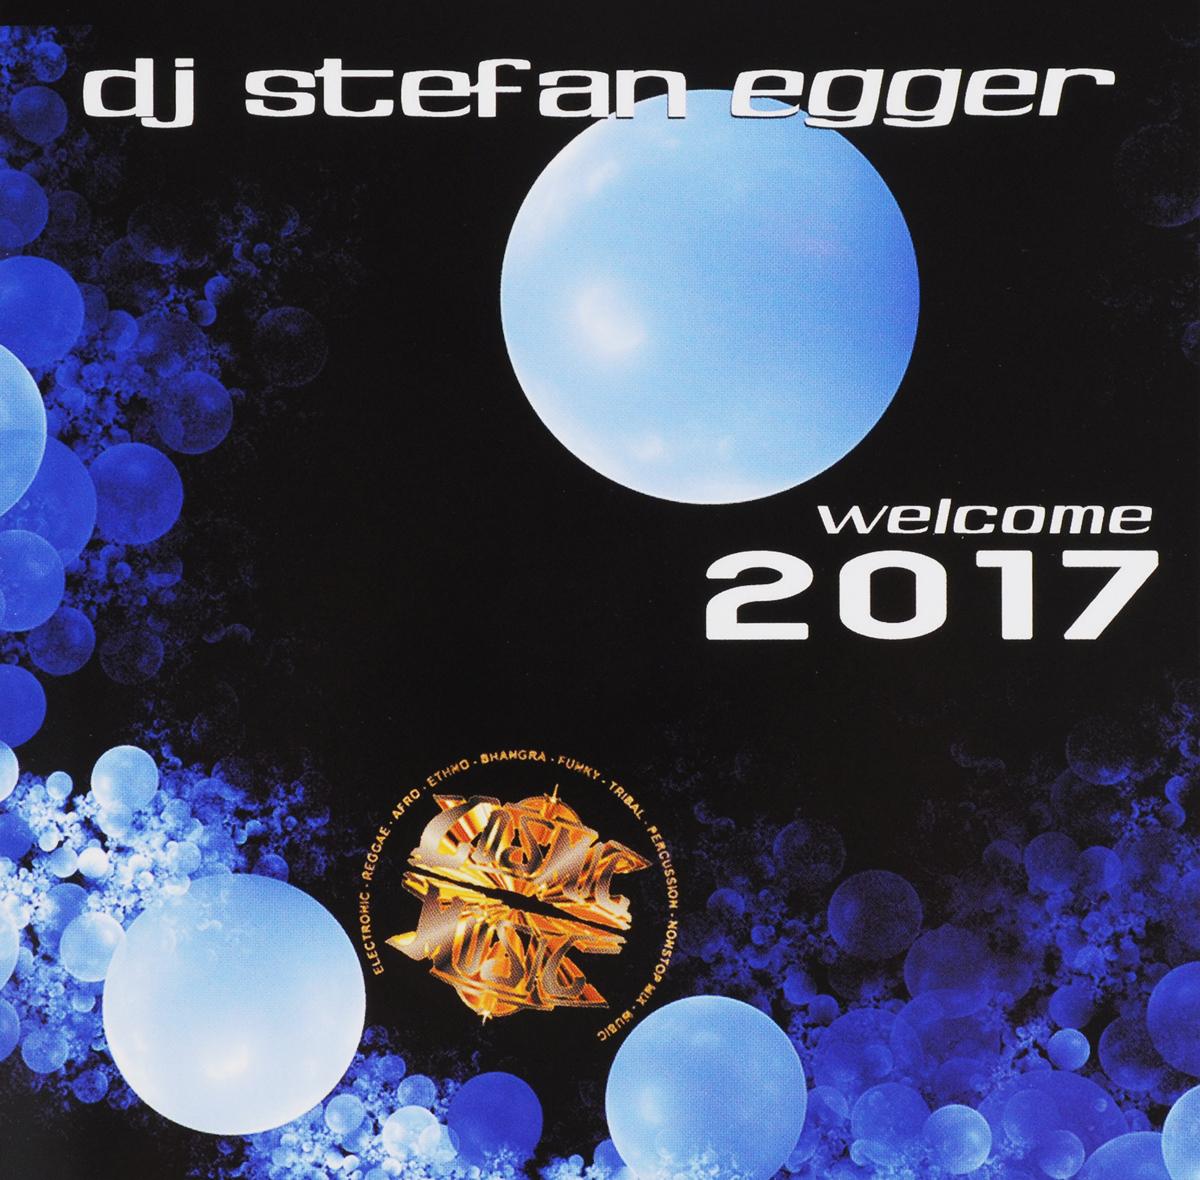 Stefan Egger / DJ Dj Egger. Welcome 2017